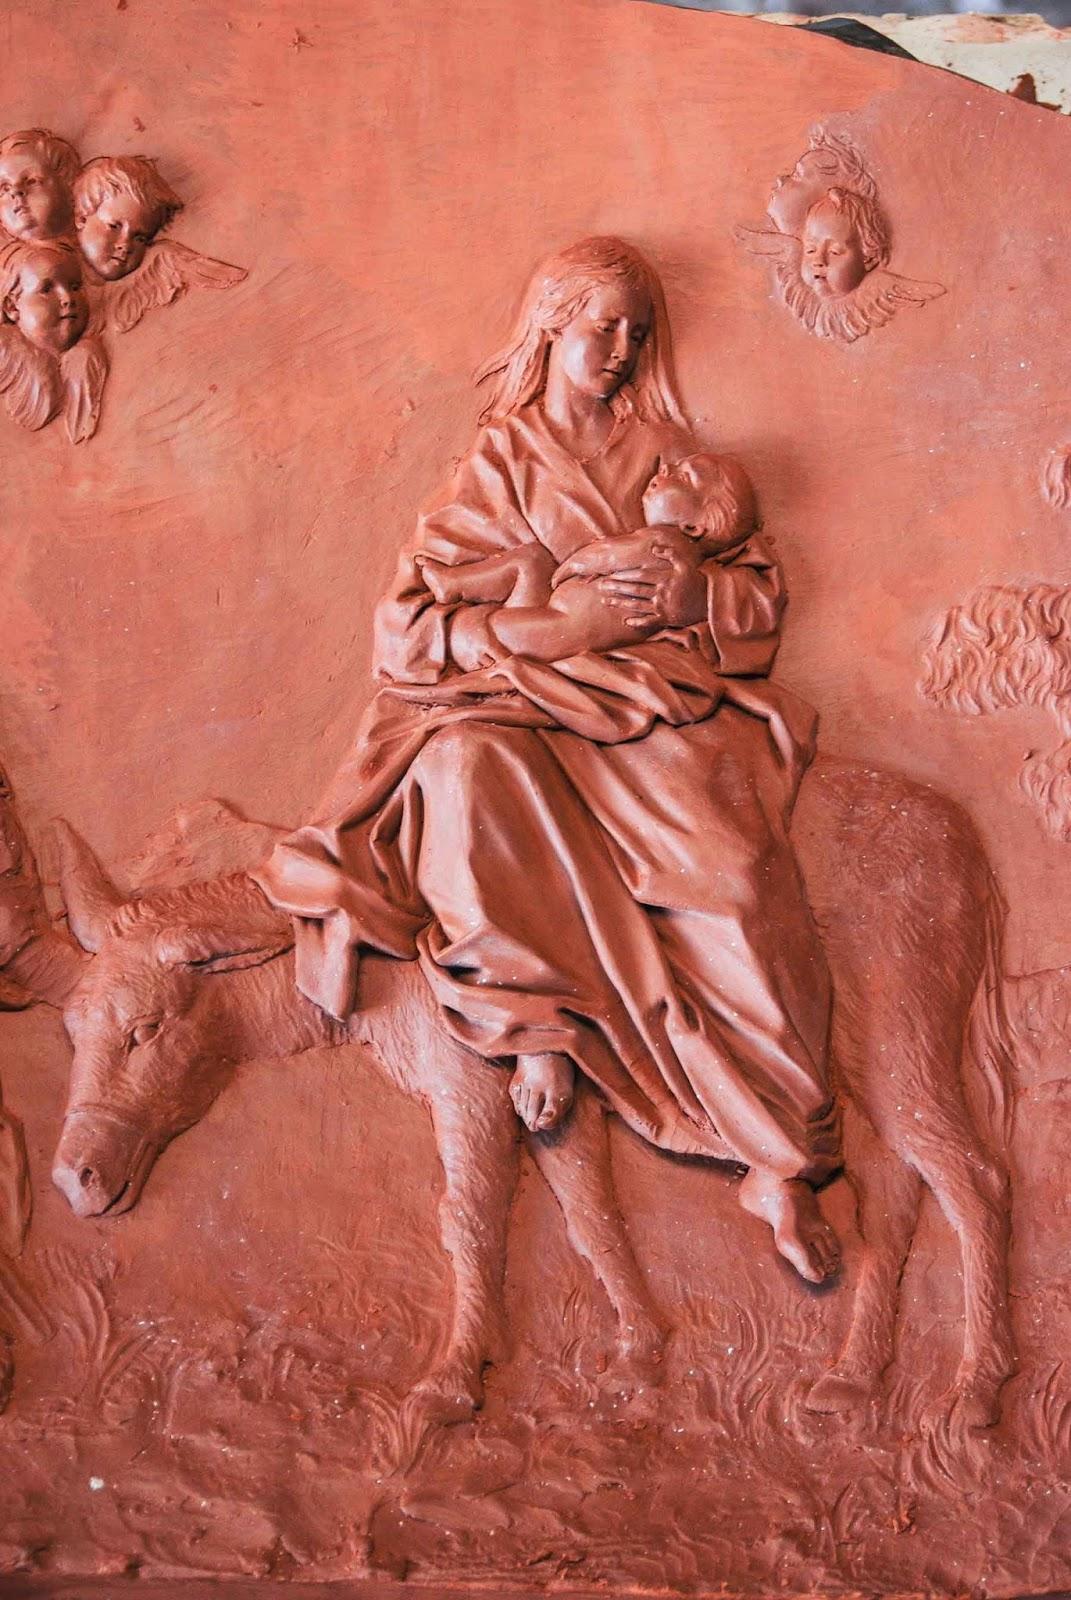 Trono Soledad Semana Santa Cartagena Murcia Arturo Serra escultura 29